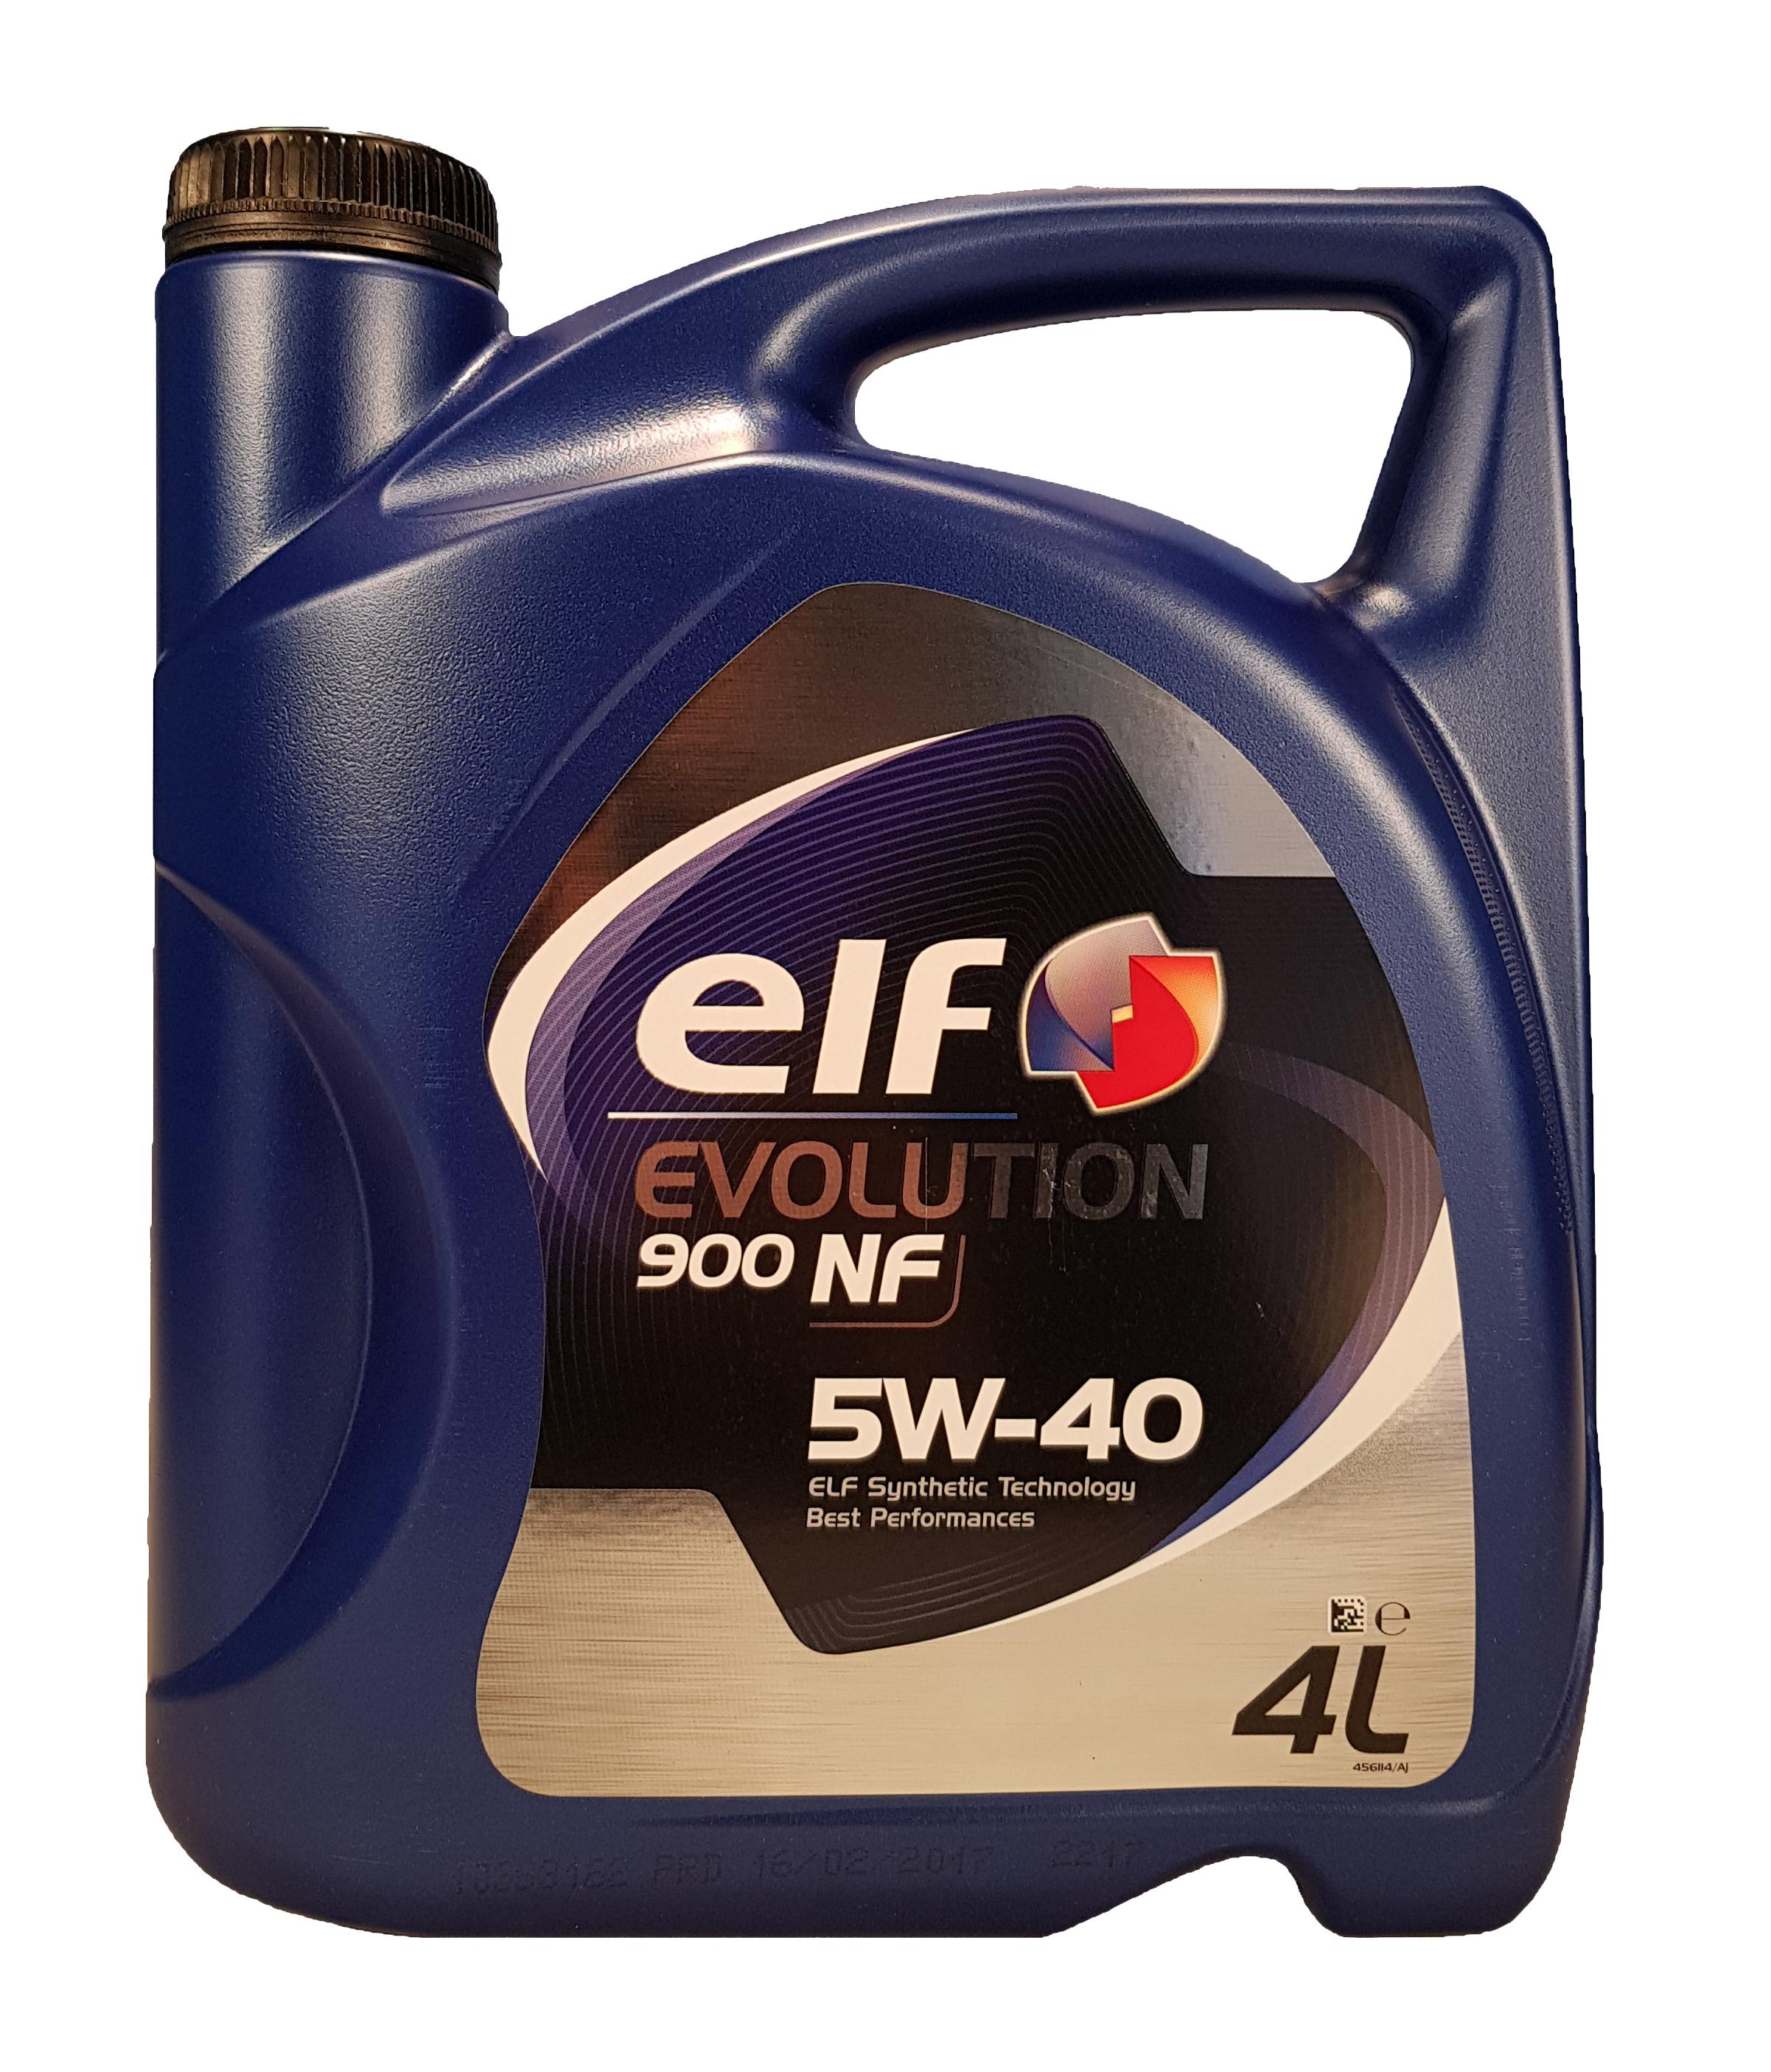 Elf Evolution 900 NF 5W-40 4 Liter – Bild 1